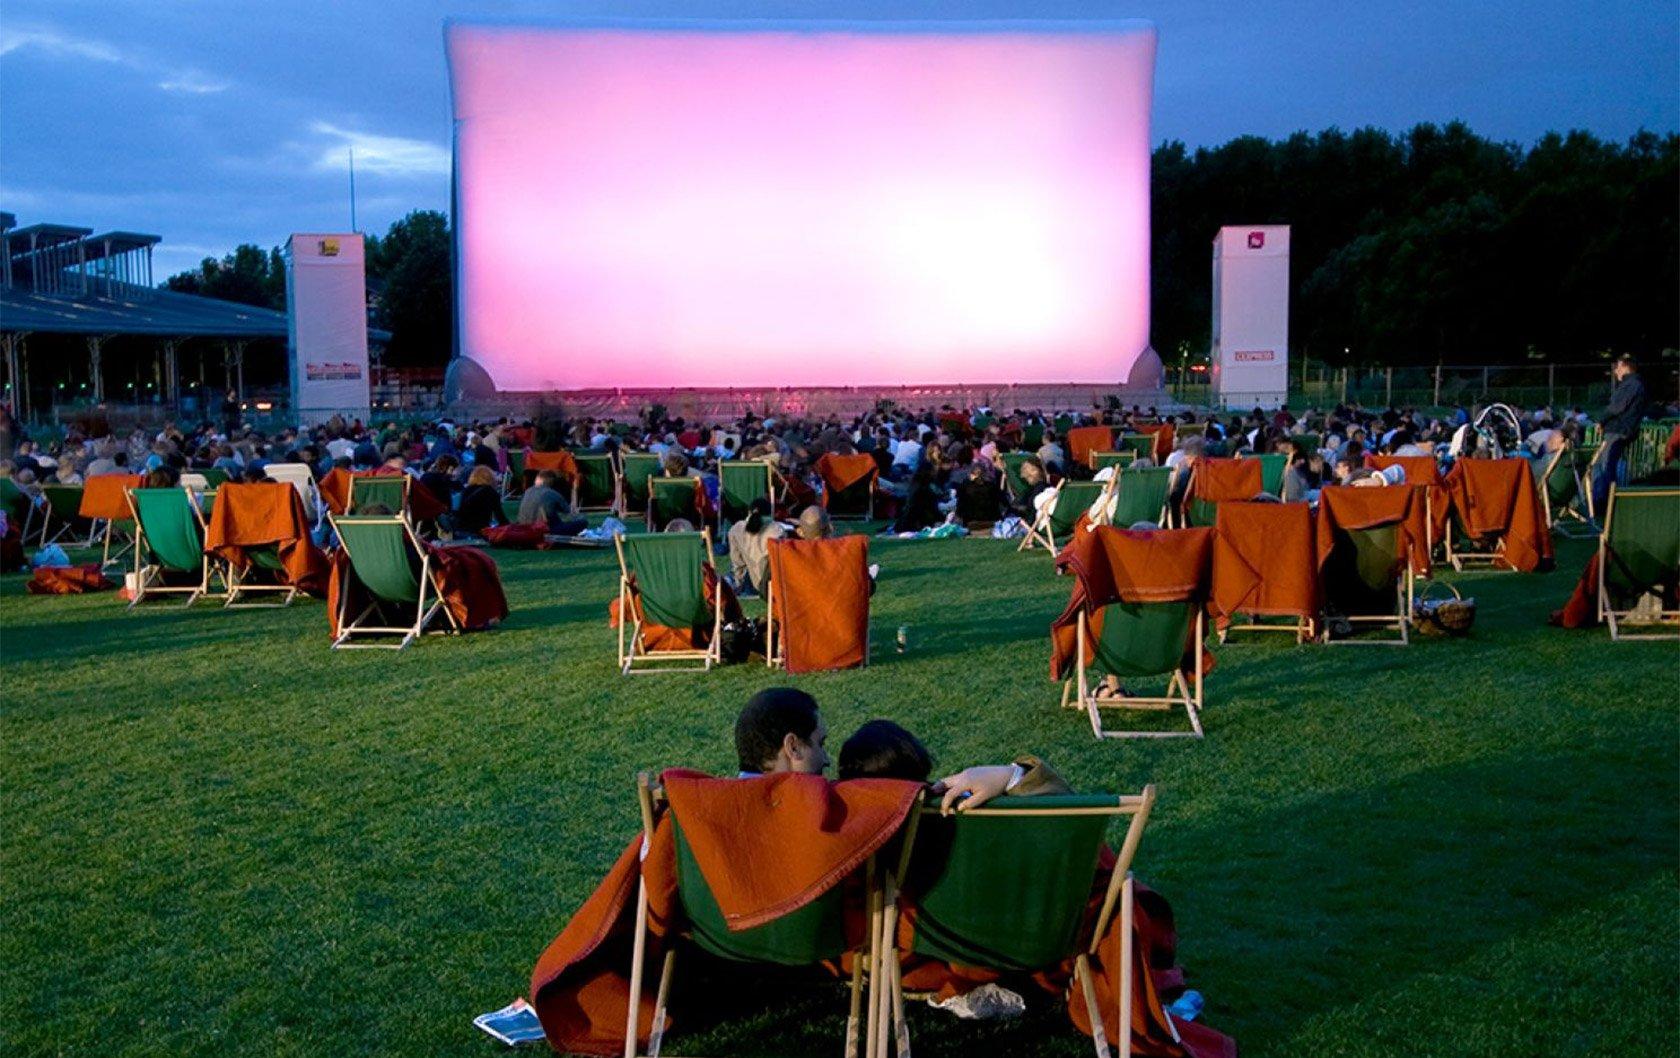 Open Air Kino Ludwigsburg 2019